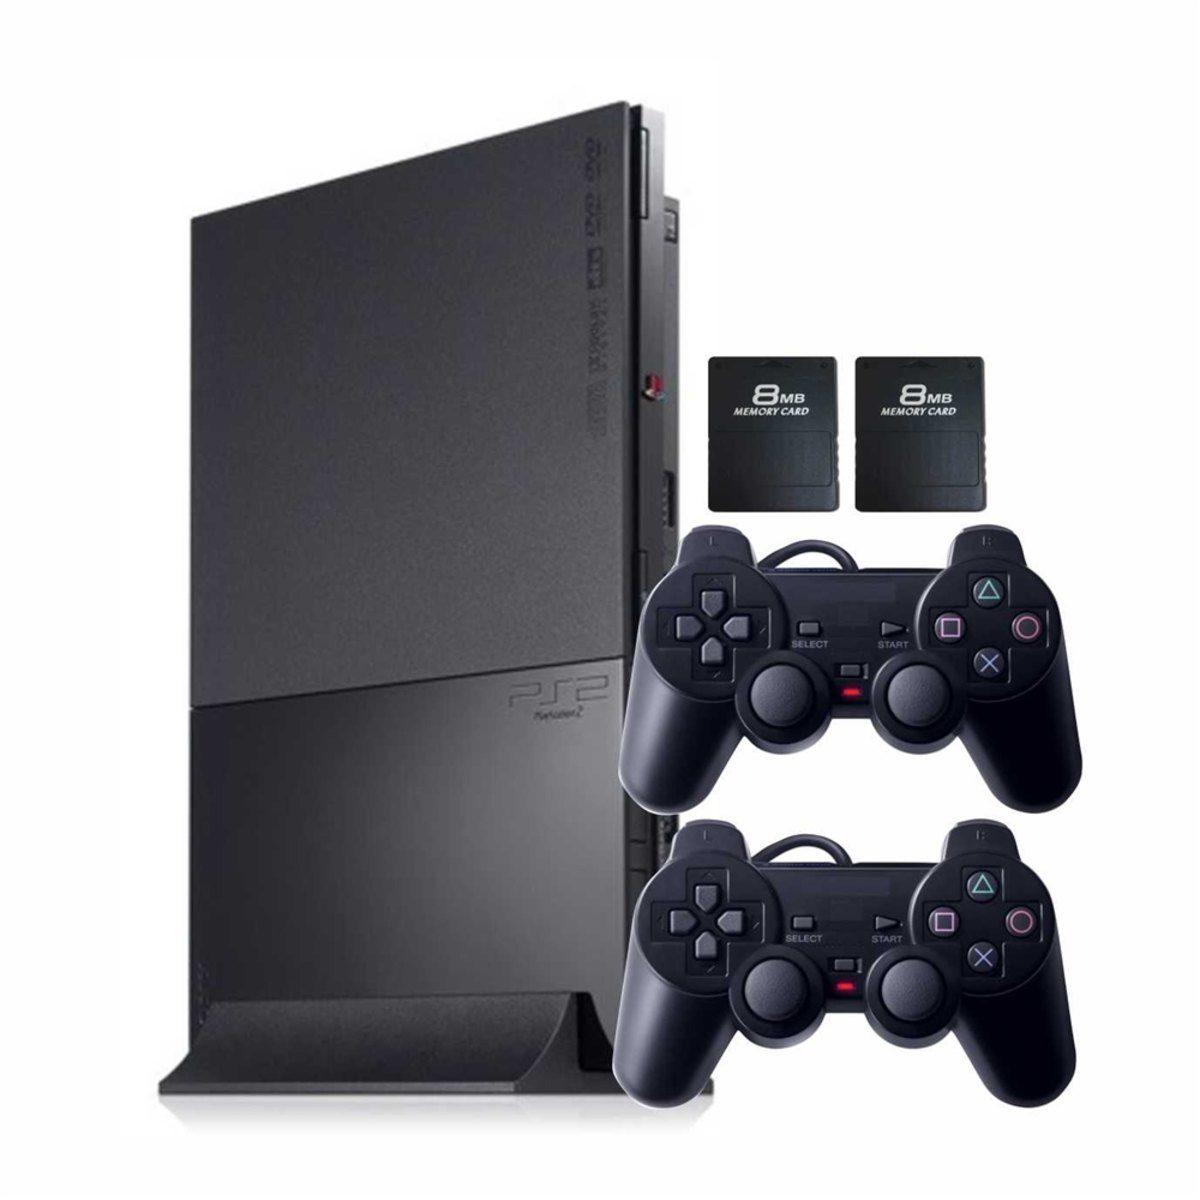 Jogos de PlayStation 2 confira vídeo nostálgico que reúne 4218 jogos do sucessor do PlayStation